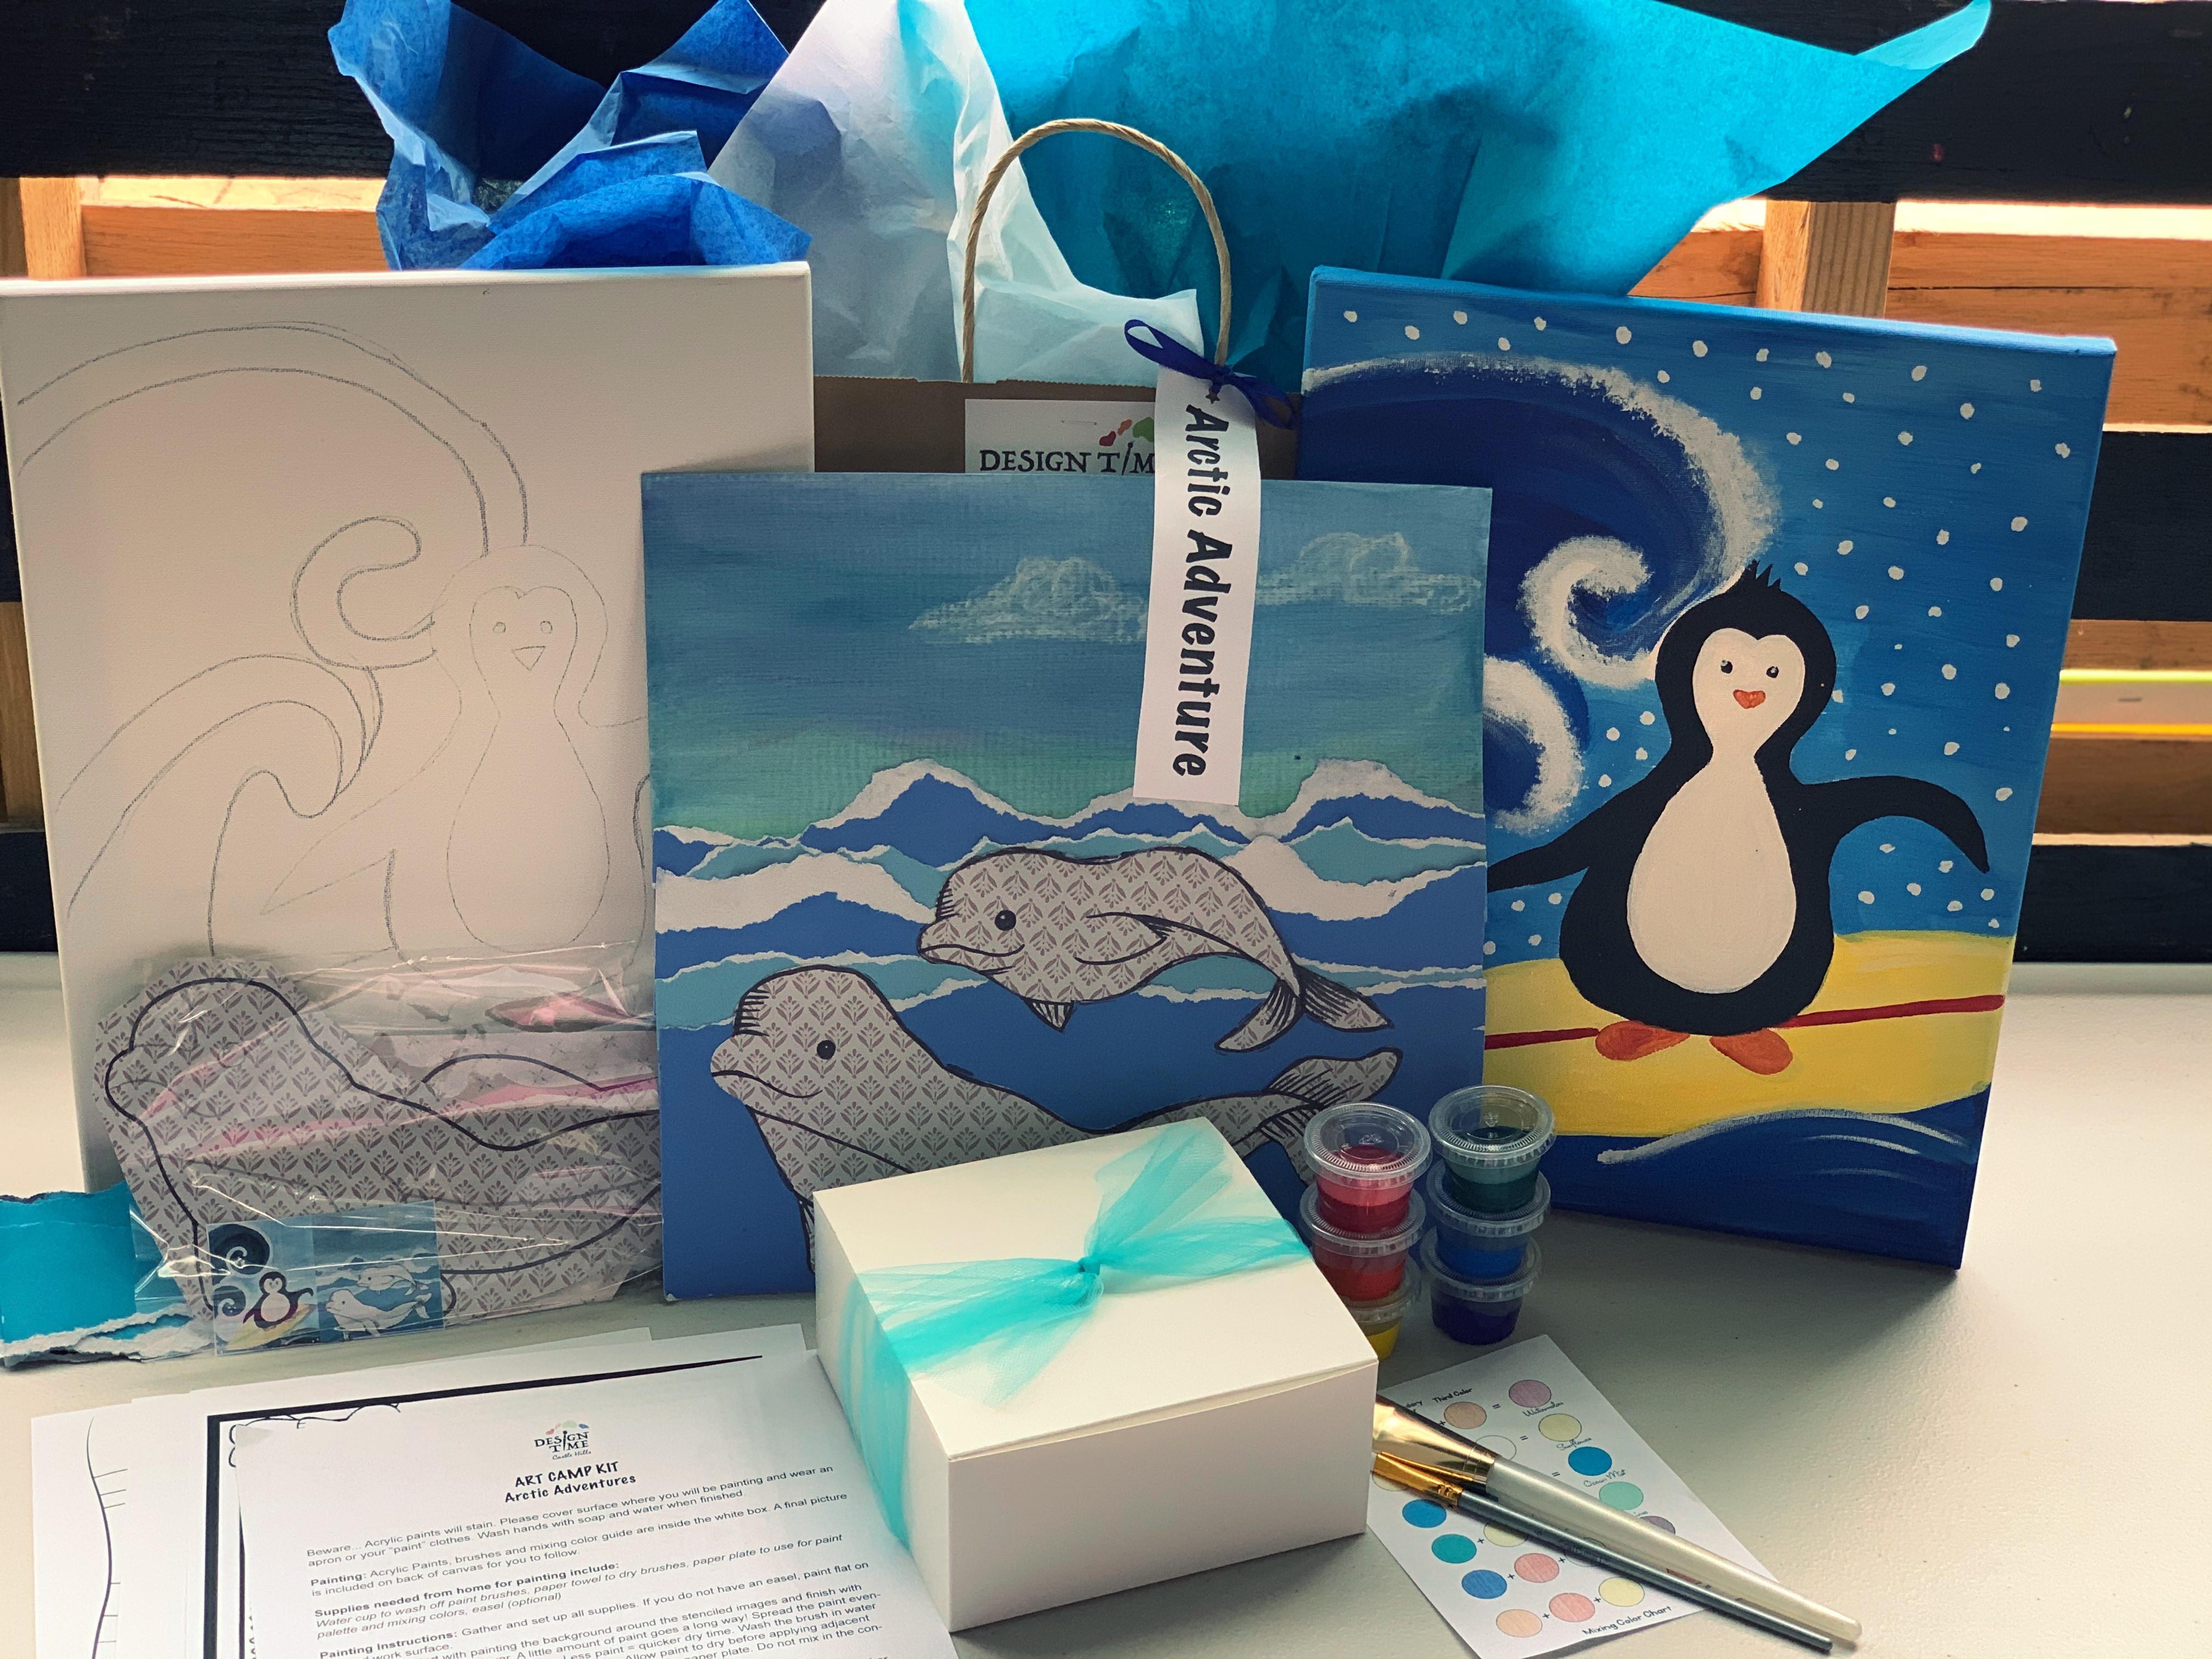 SALE ART Camp Kits To Go